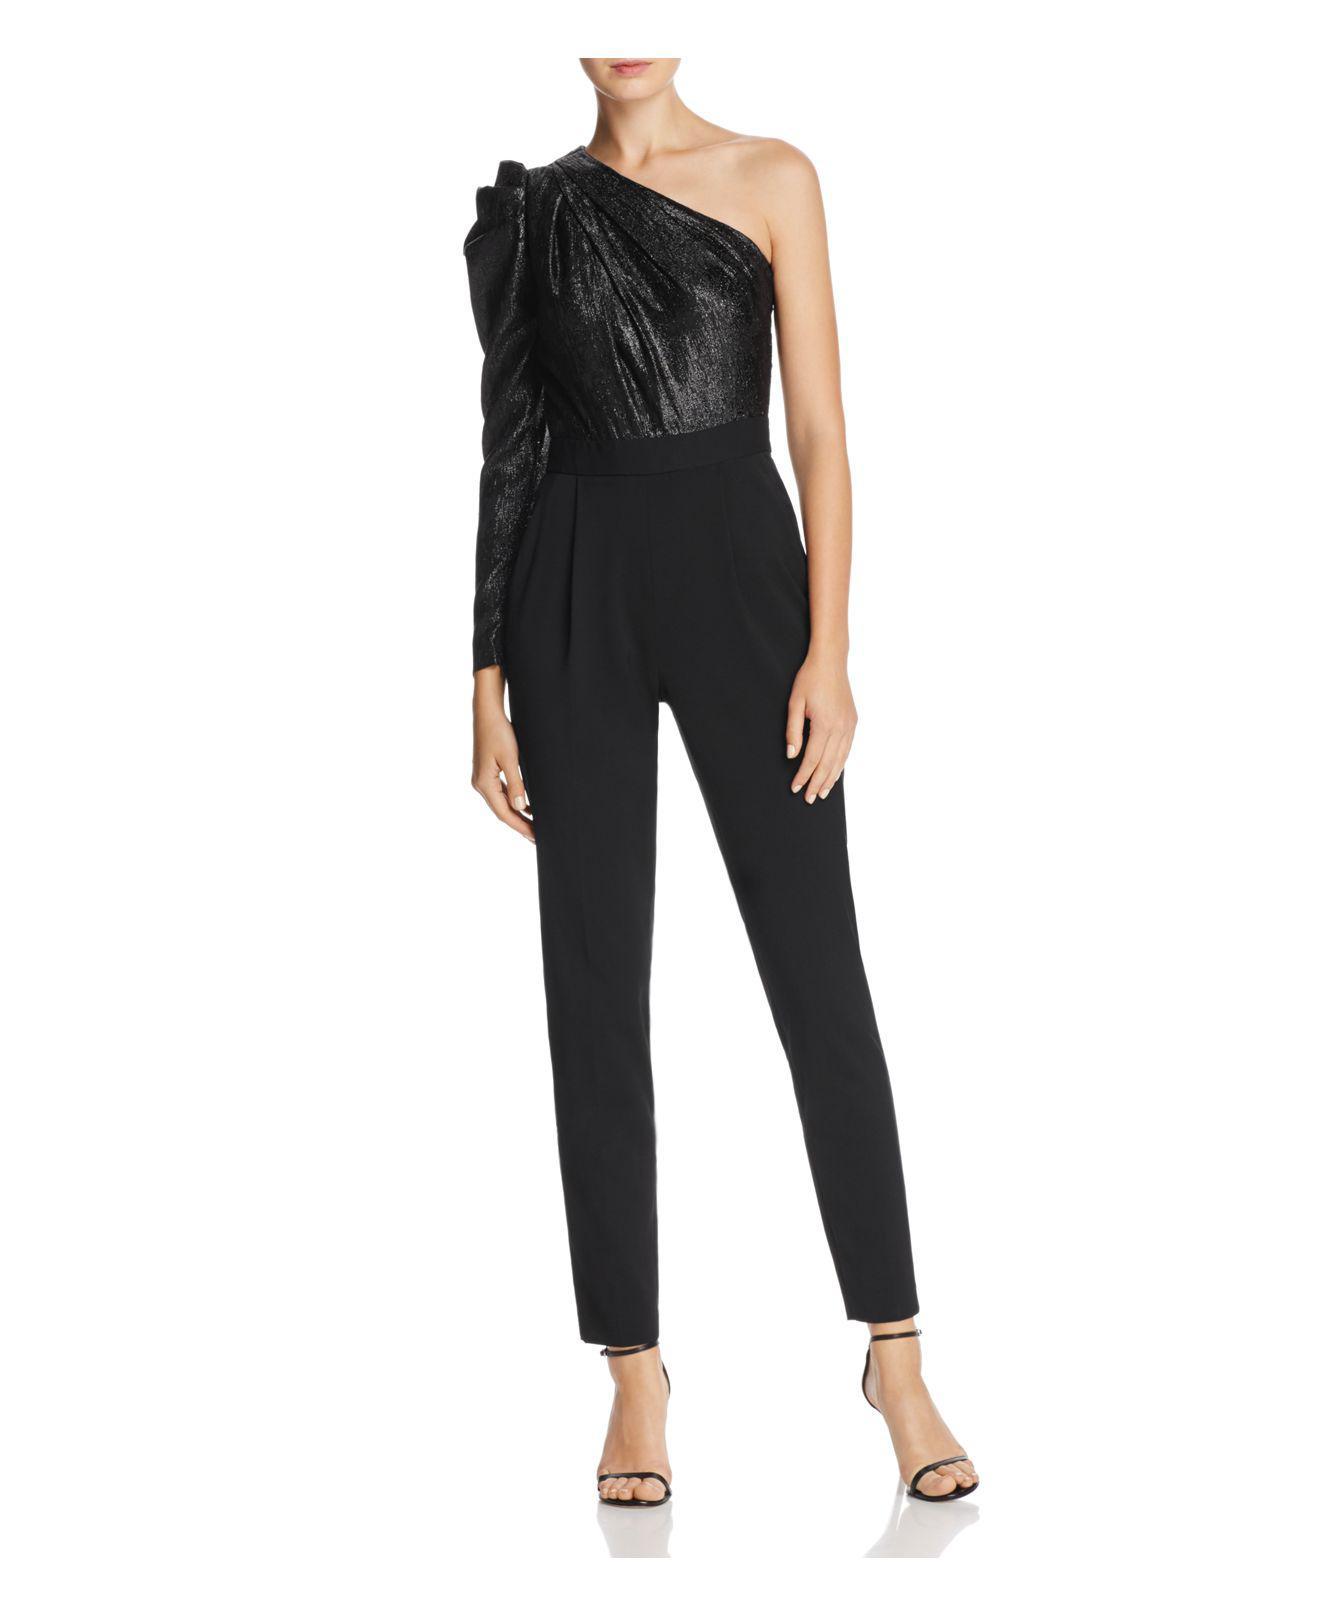 297c74d6dc7 Lyst - Michael Kors Shine One-shoulder Jumpsuit in Black